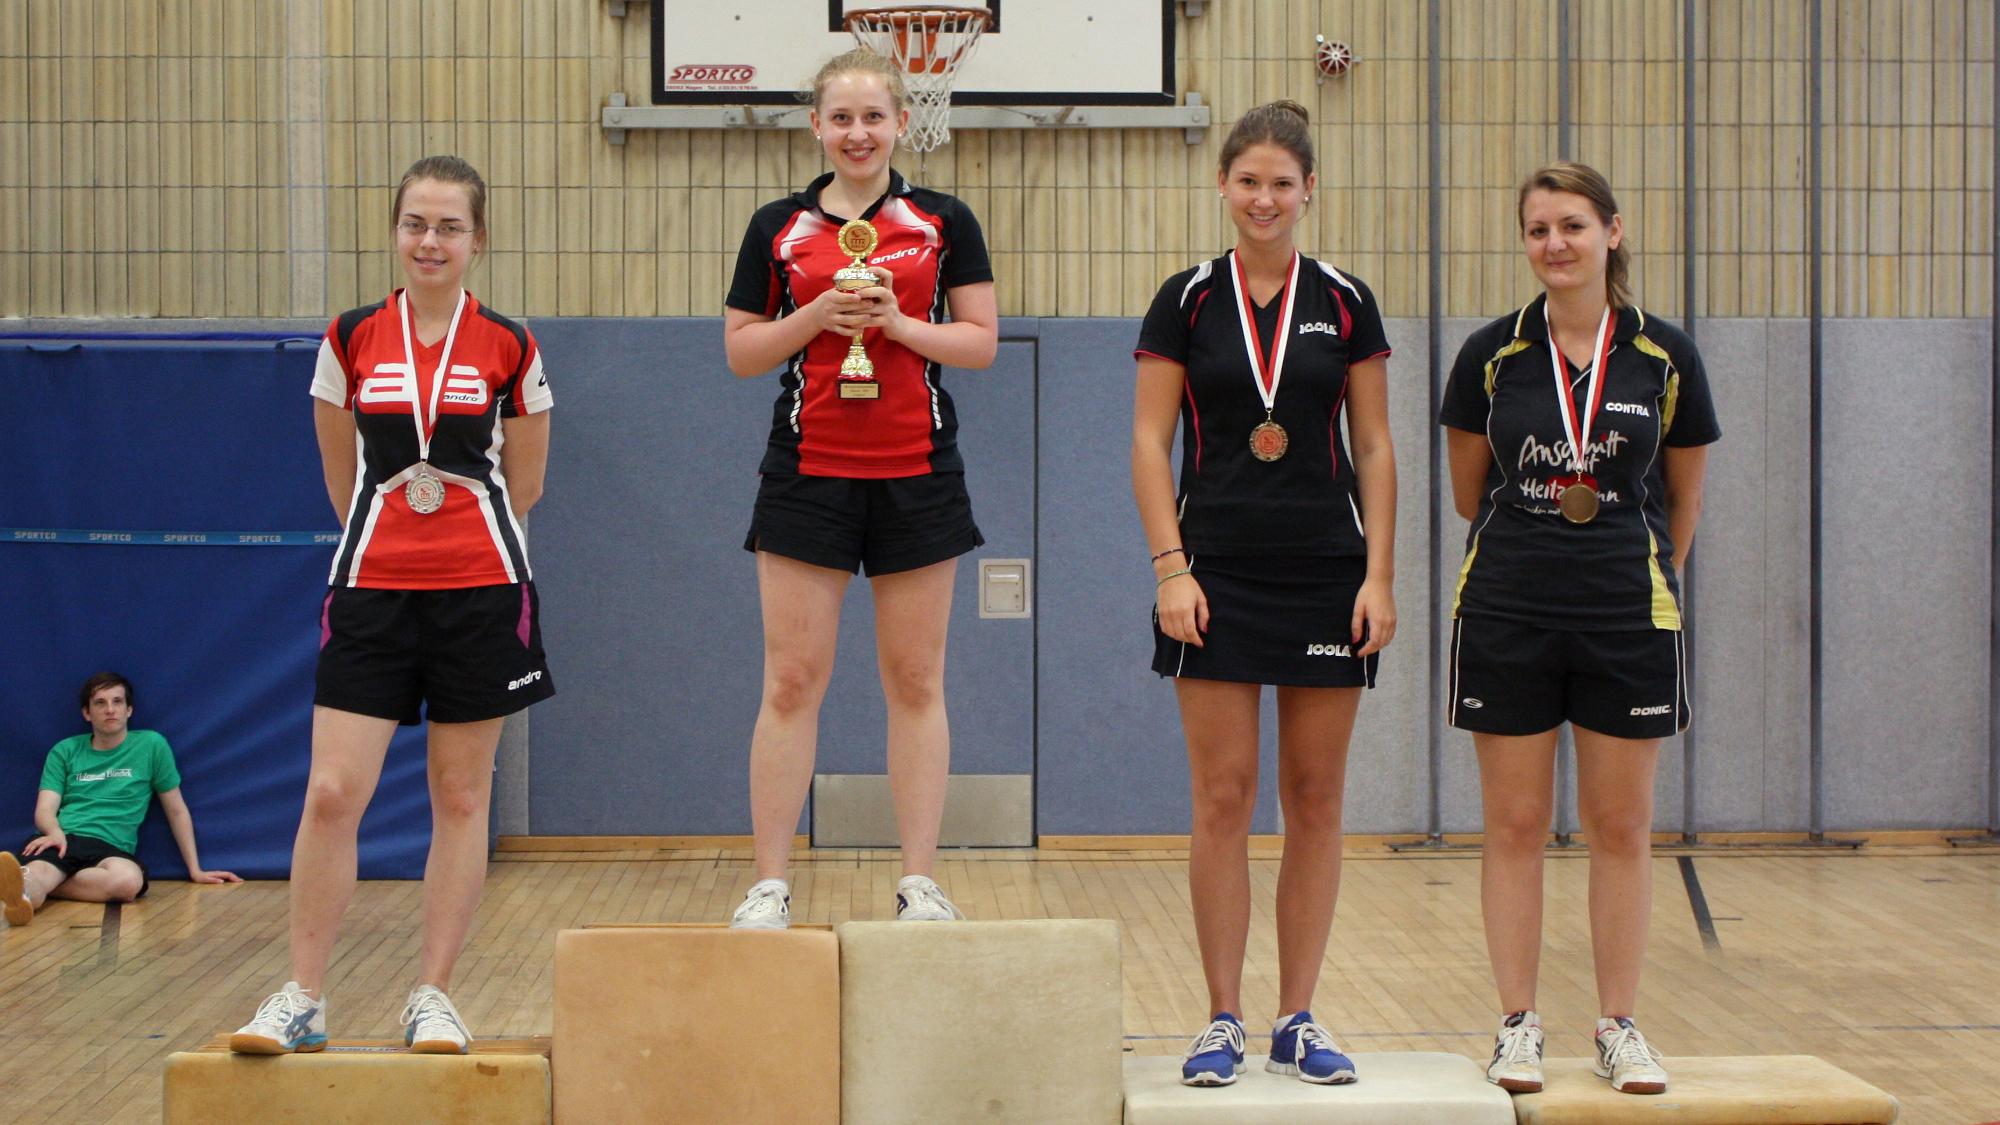 1. Platz Sophie; 2. Platz Svenja; 3. Platz Diana; 4. Platz Alina